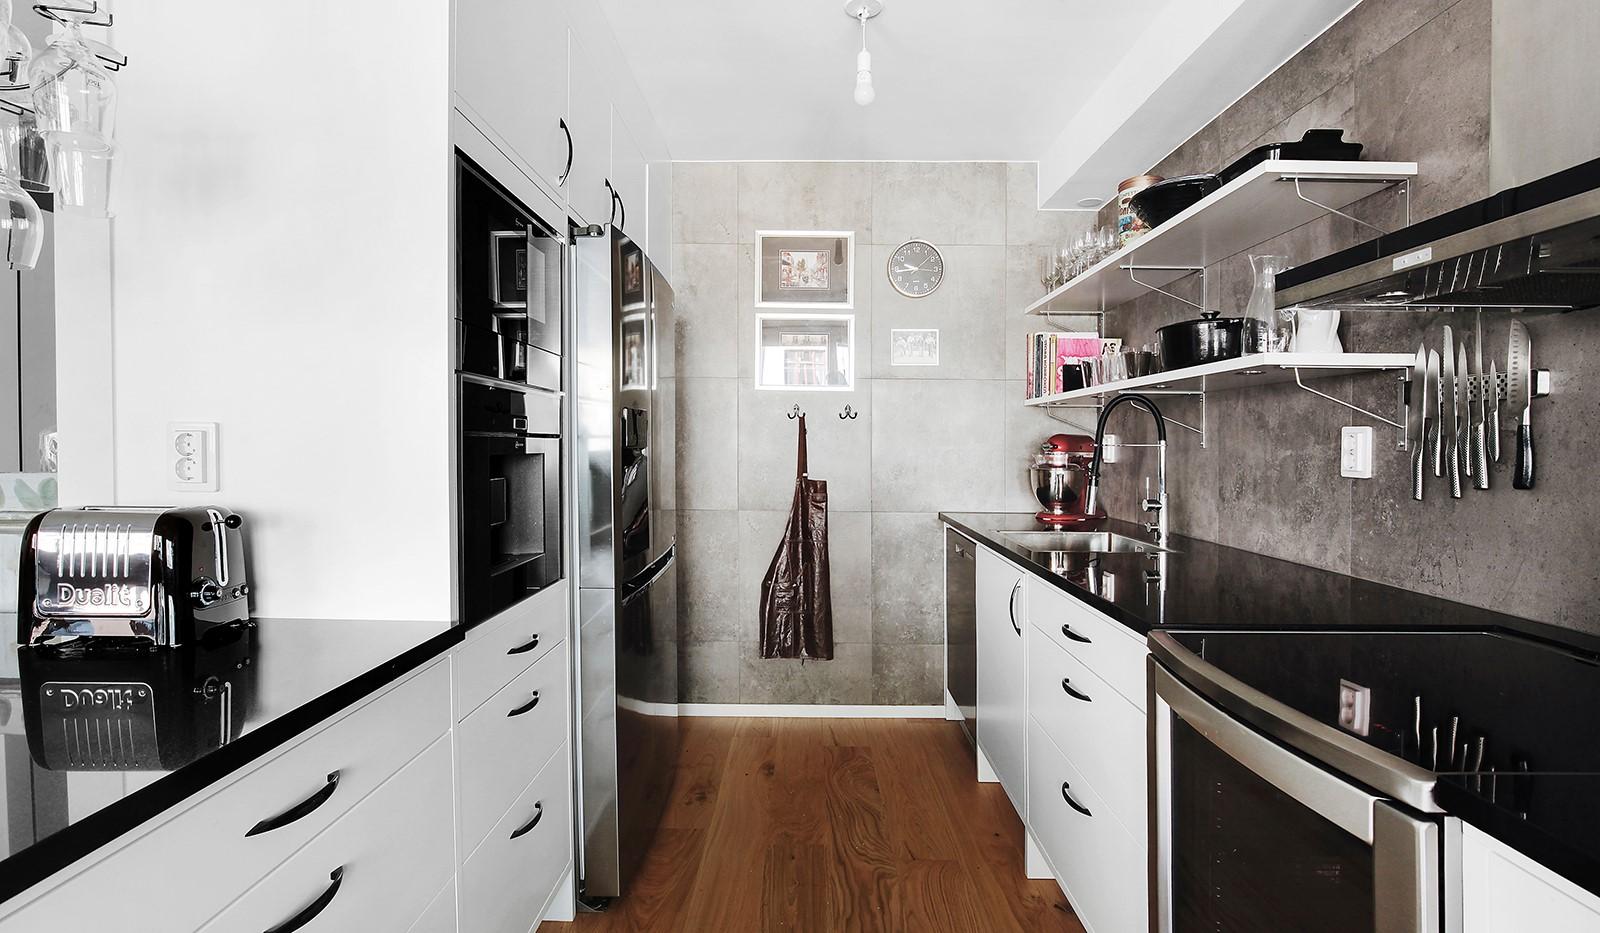 Hornsgatan 37, 4 tr - All köksutrustning finns inkl. kaffemaskin och vinkyl.